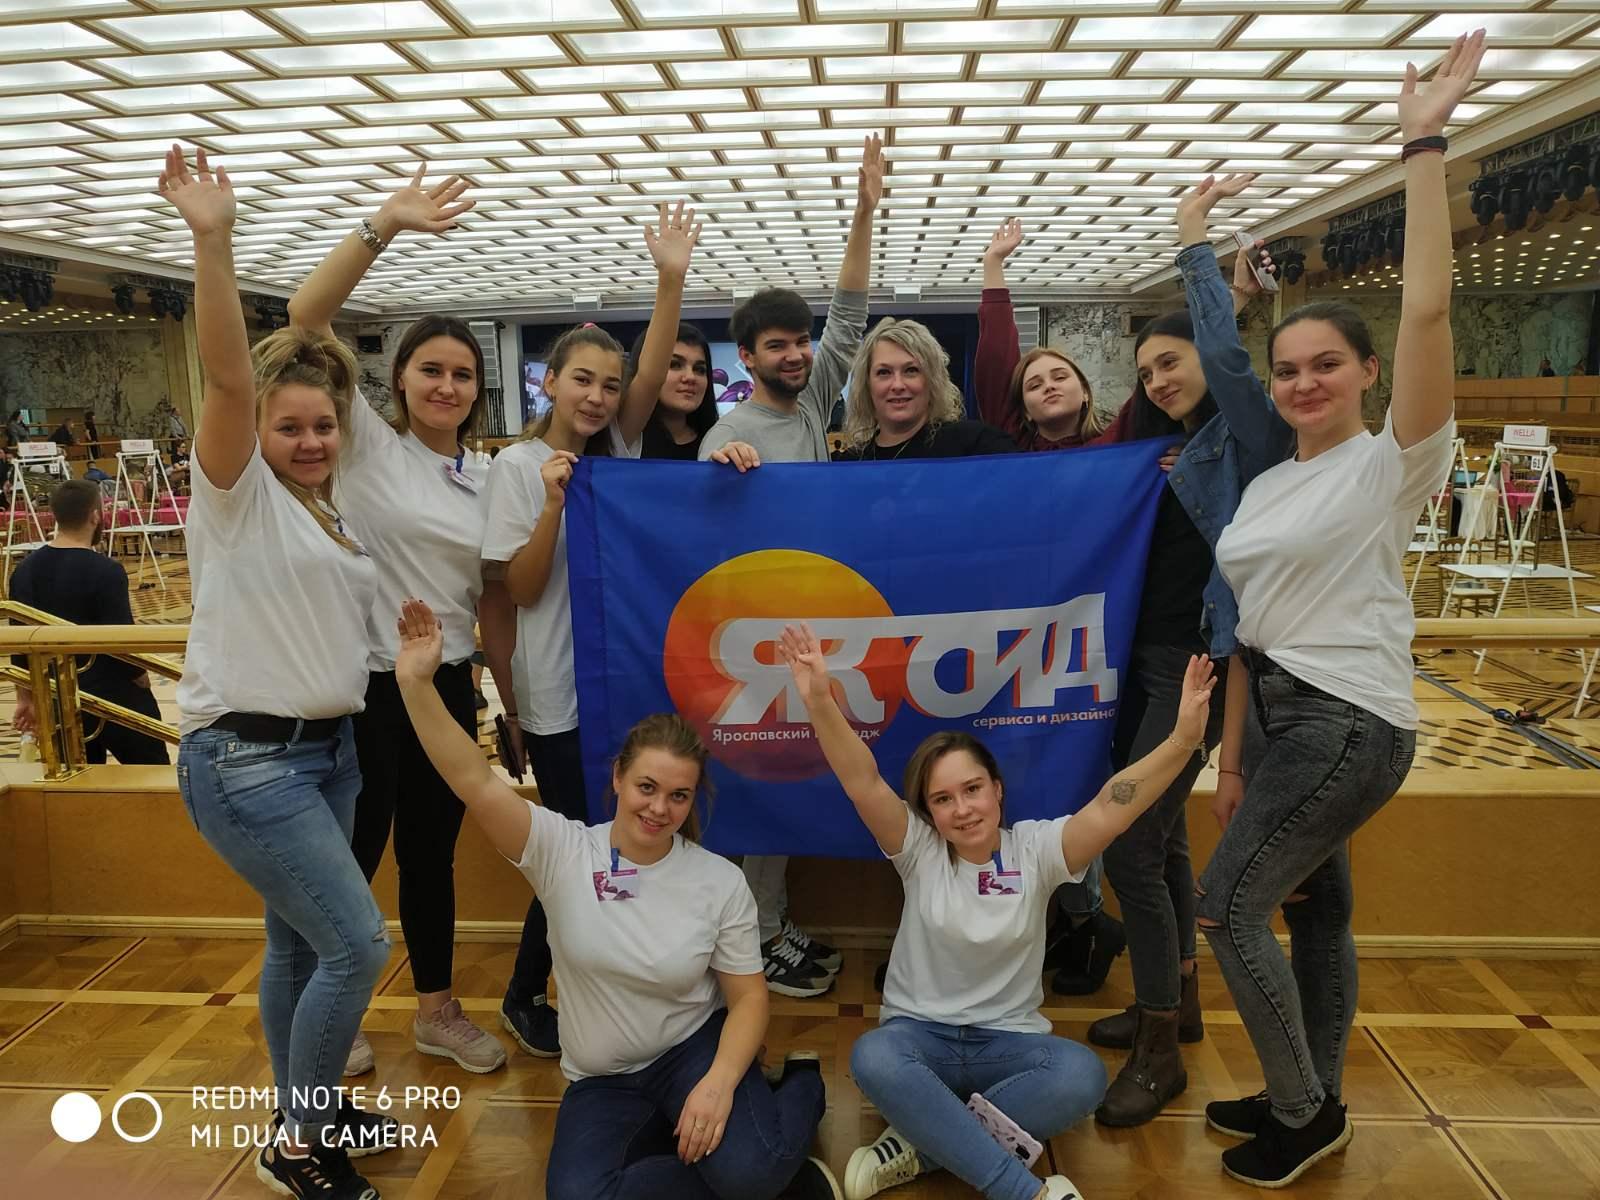 Ярославские студентки стали победительницами российского чемпионата парикмахеров и косметологов